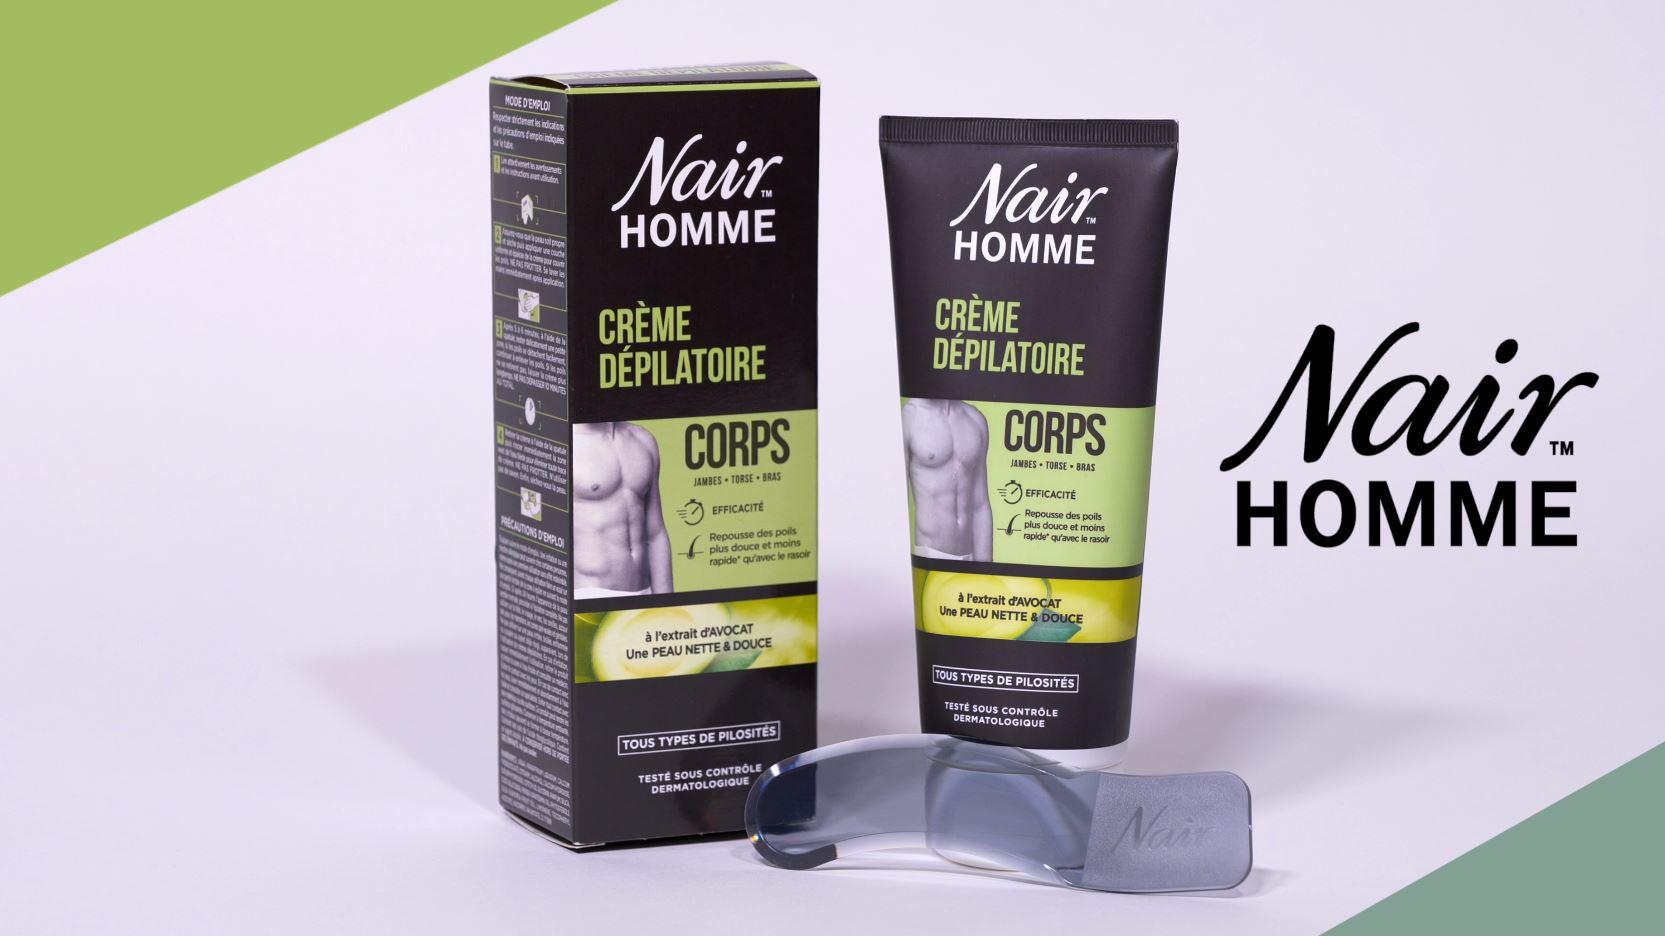 Nair Homme Crème Dépilatoire